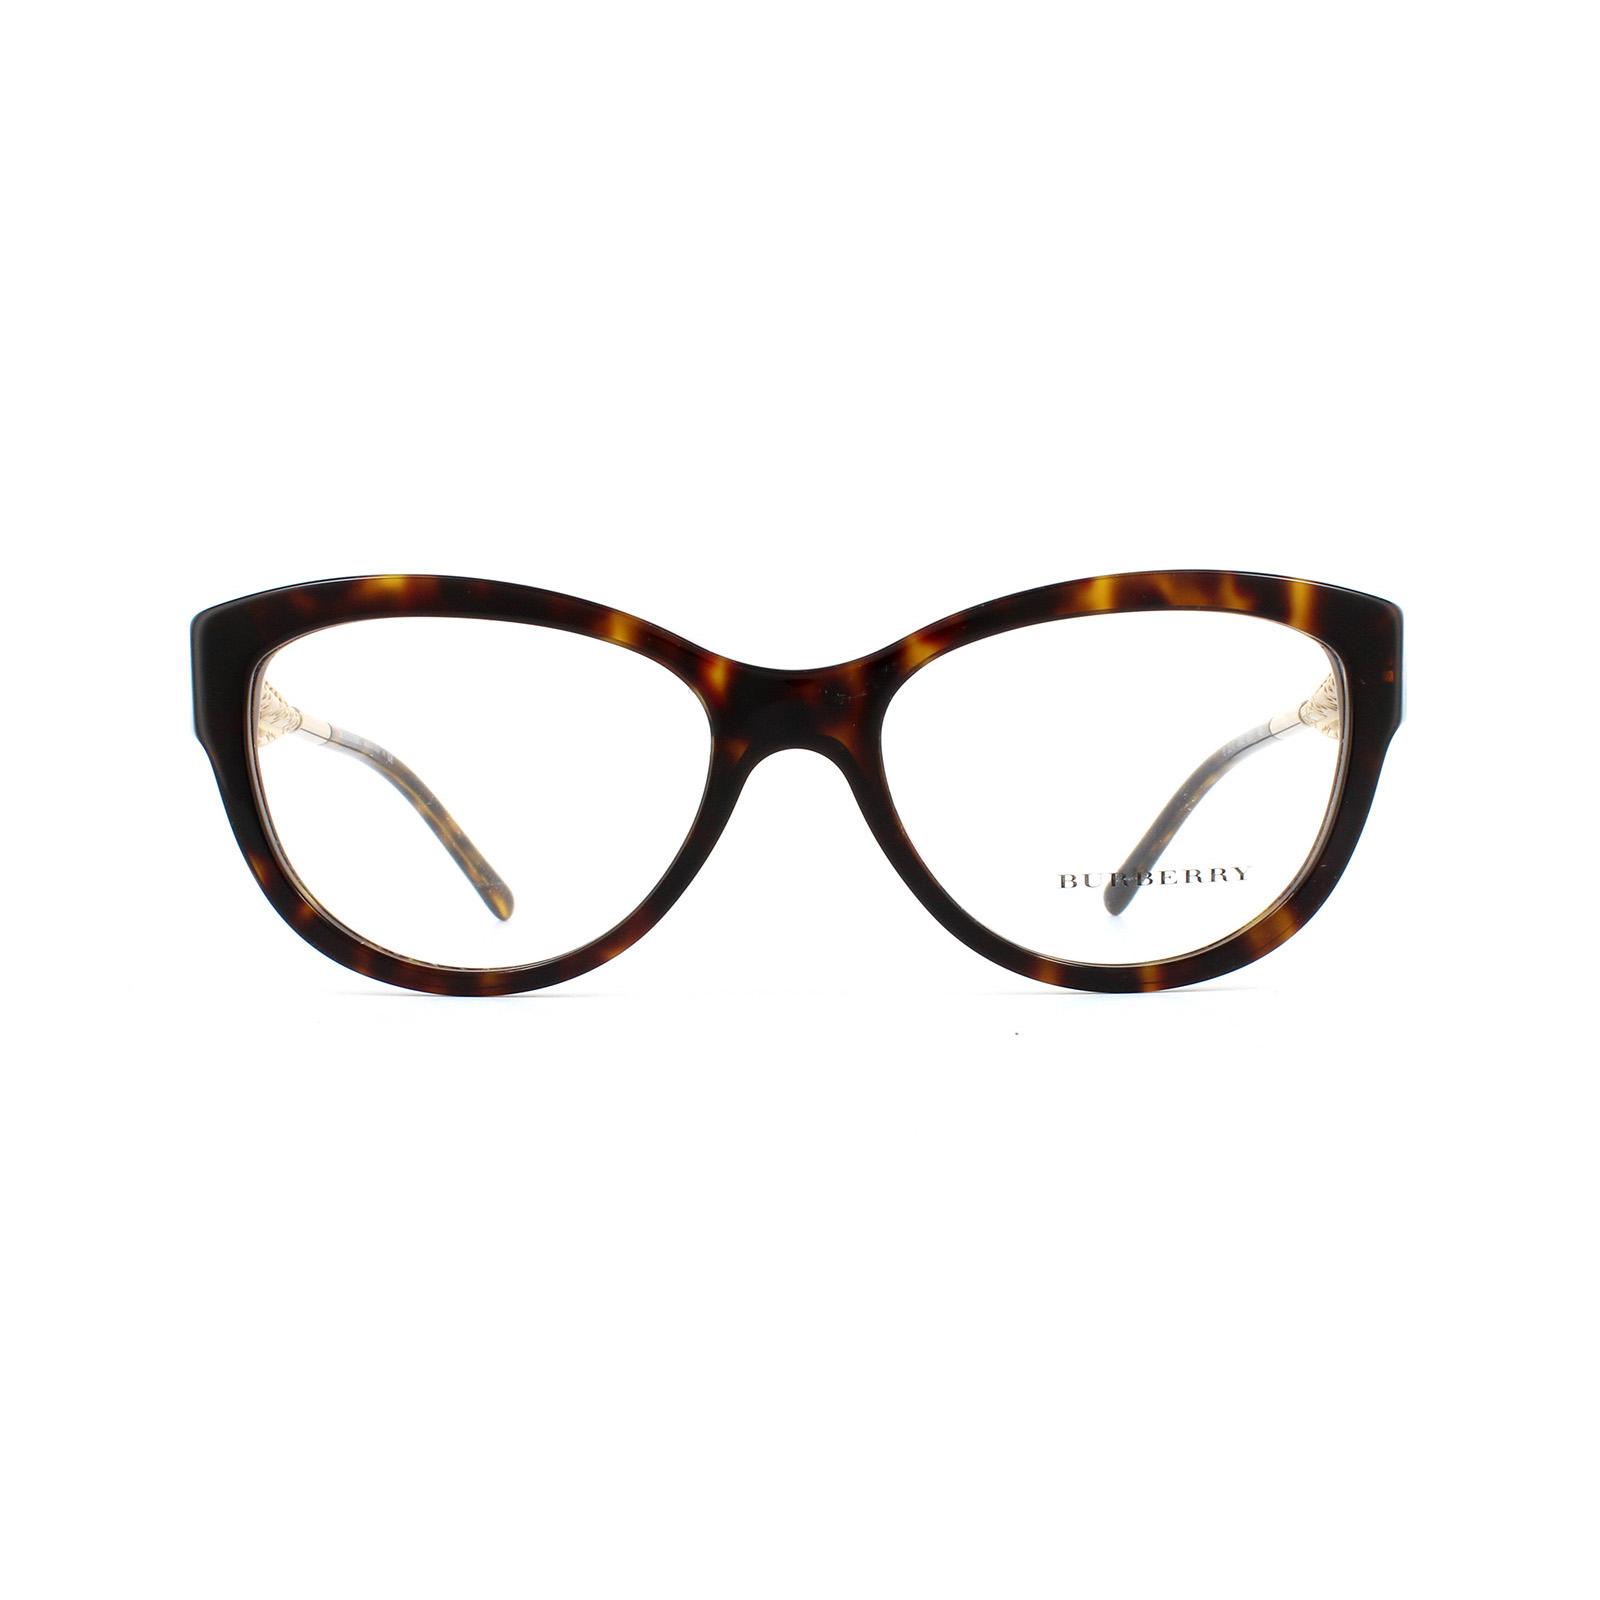 0b6bb47d82f Sentinel Burberry Glasses Frames 2210 3002 Dark Havana Womens 51mm